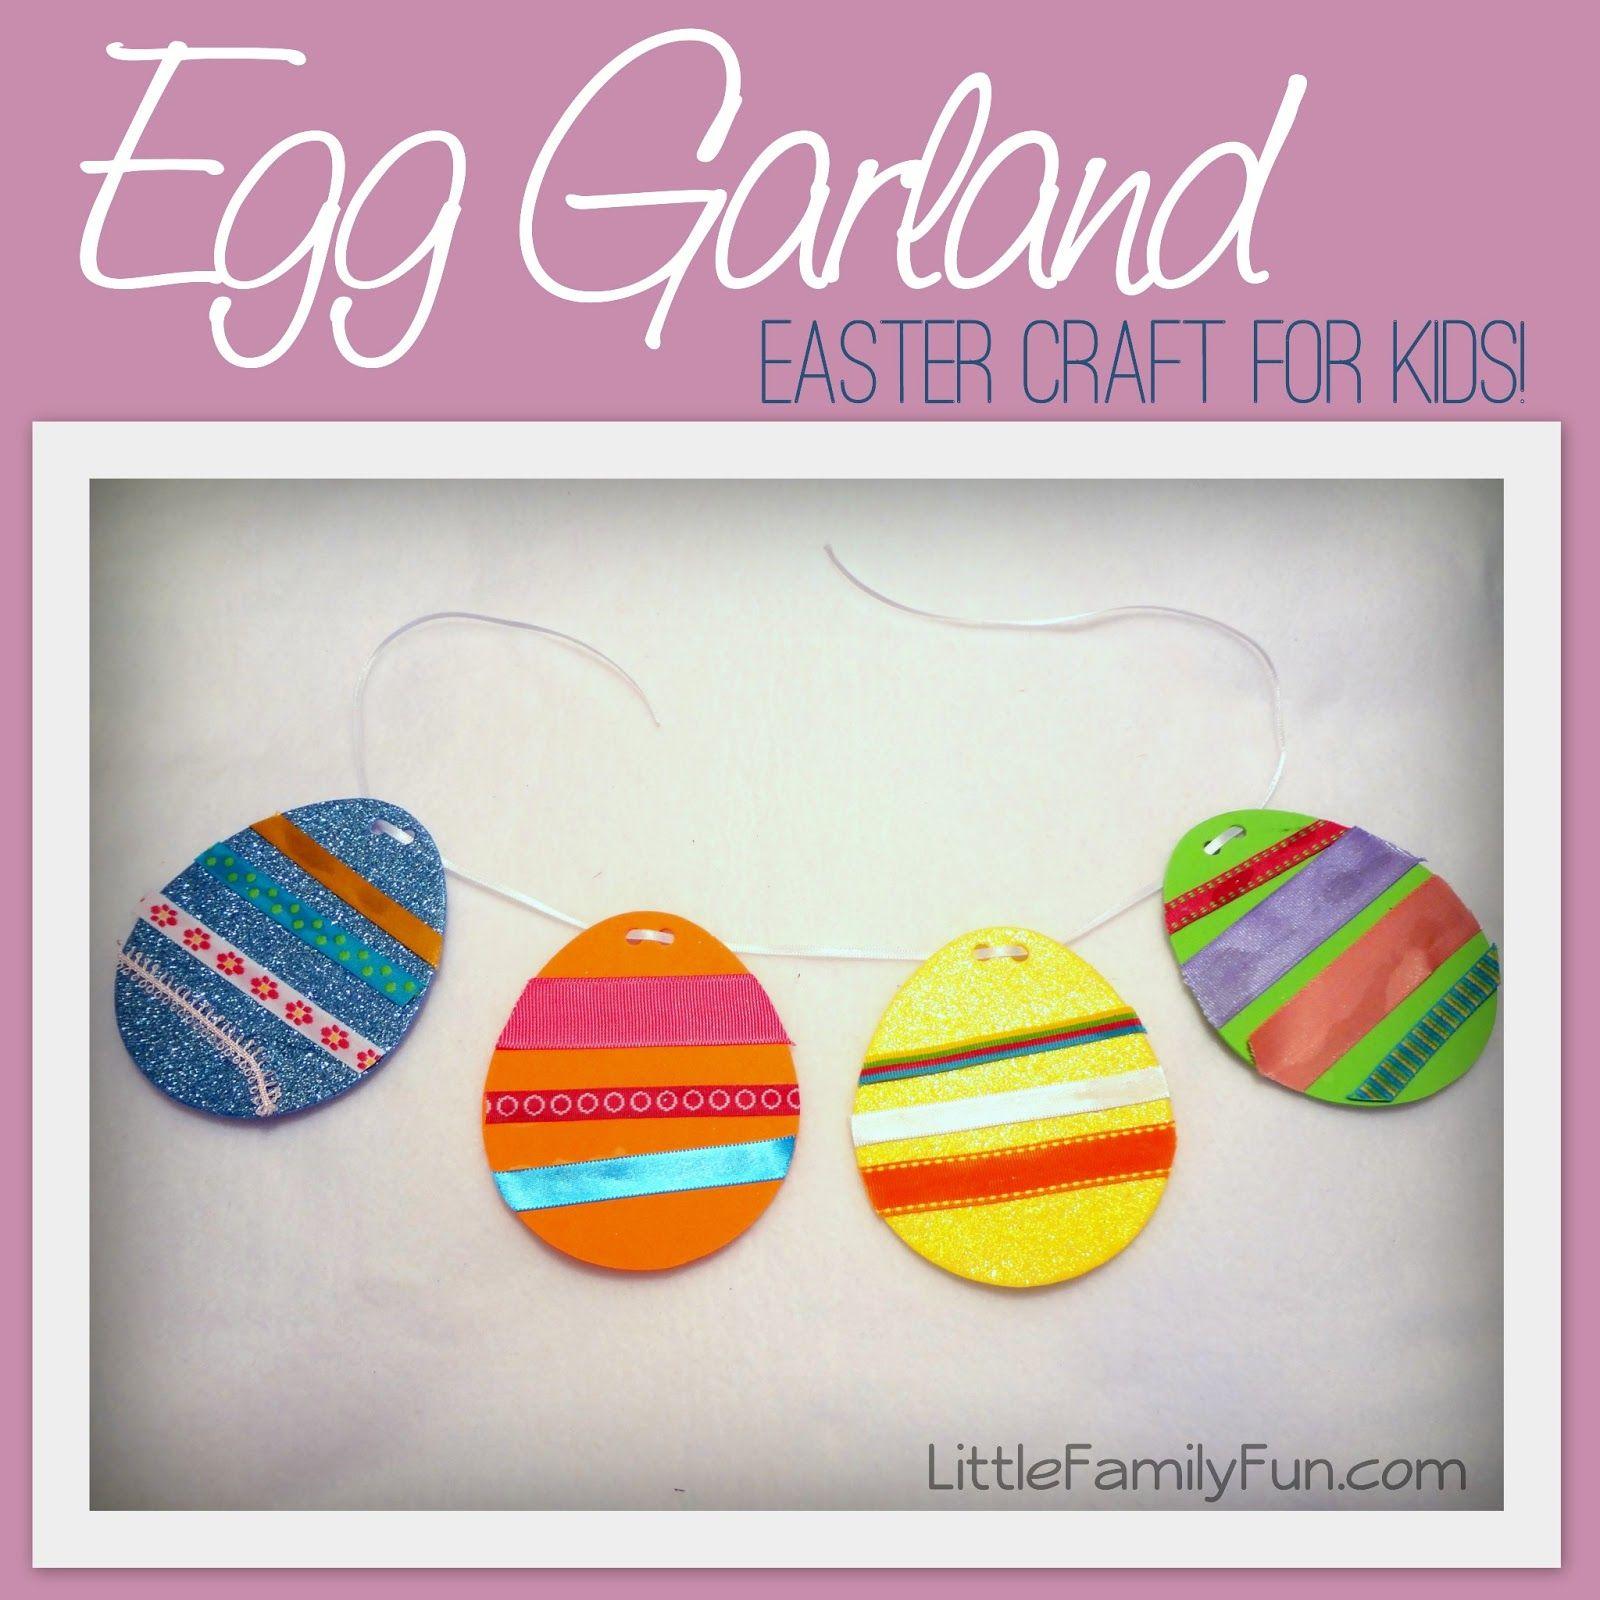 Little Family Fun: Easter Egg Garland